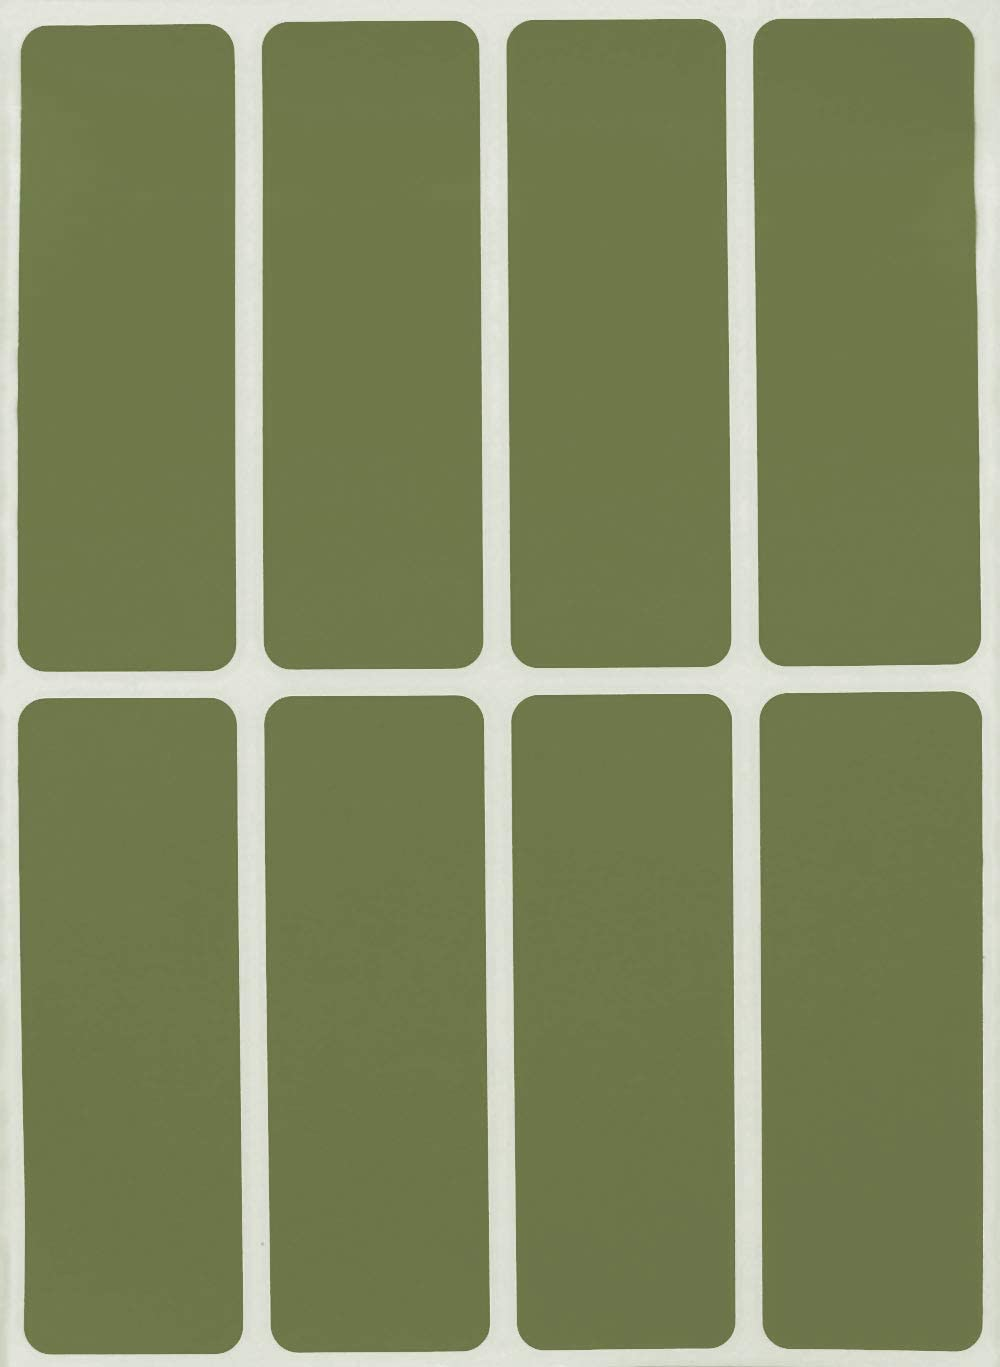 in verschiedenen Farben Gr/ö/ße 7,5 cm x 2,5 cm viereckige Etiketten 40 Vorteilspack von Royal Green Aufkleber Gold 76 mm x 25 mm rechteckige Sticker